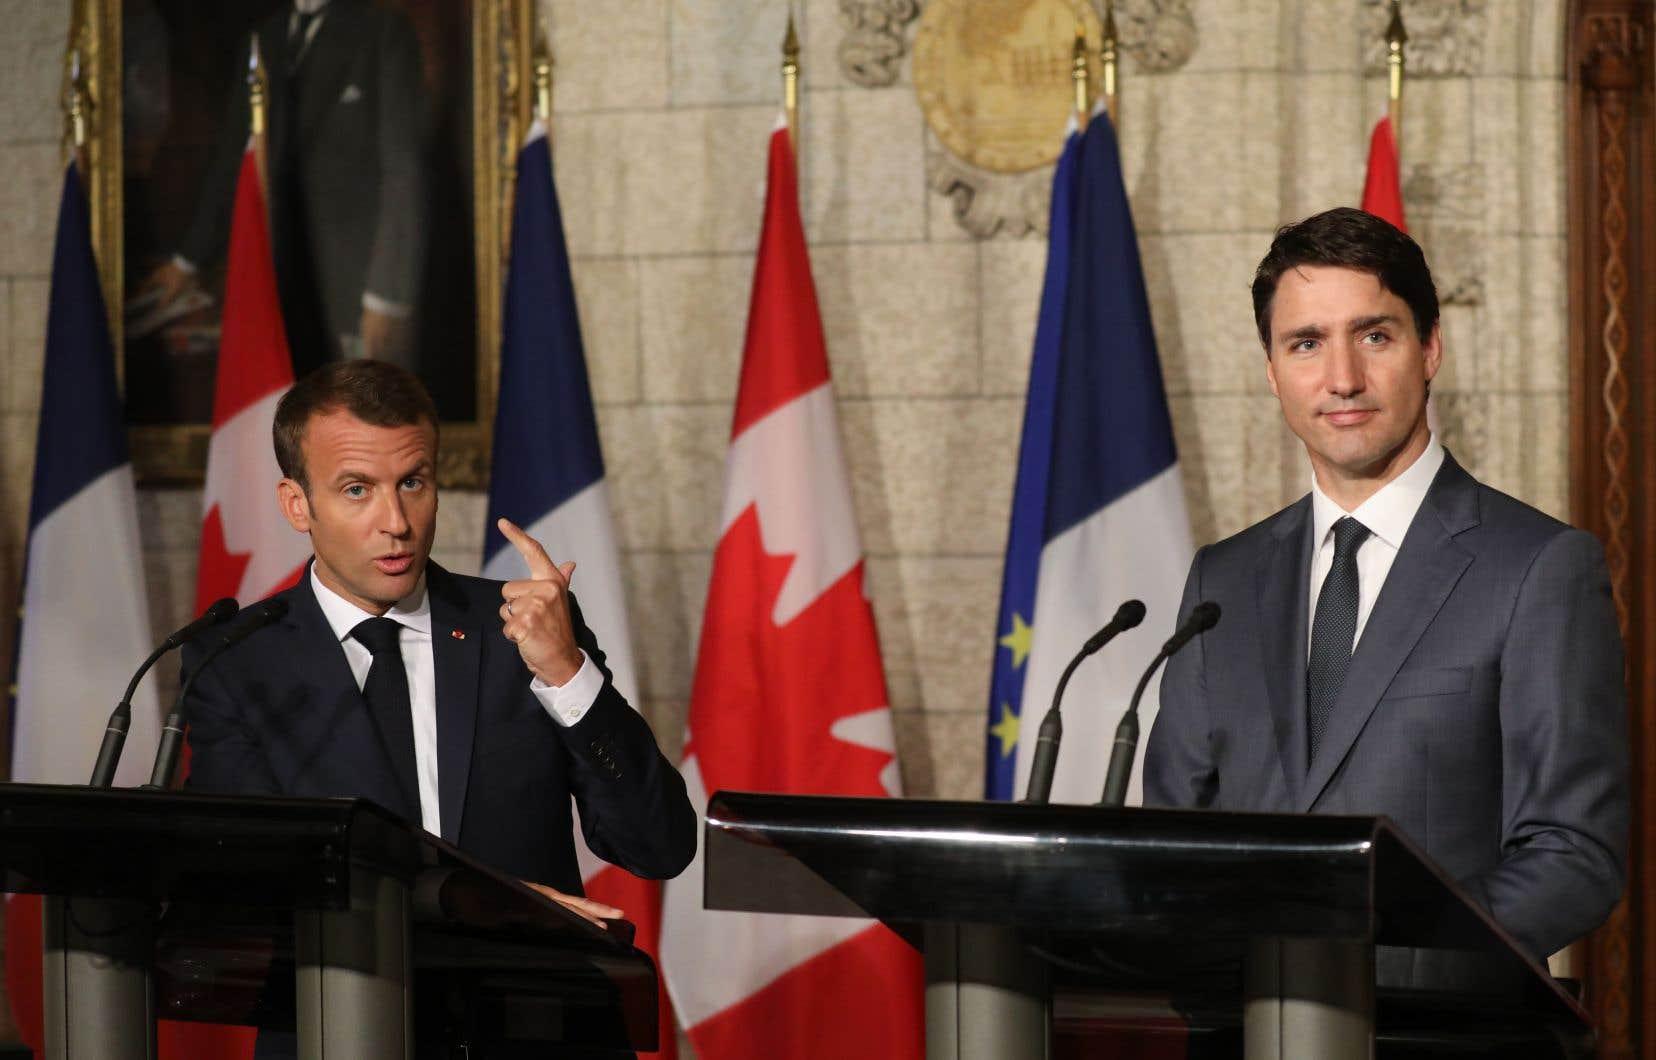 Le président français, Emmanuel Macron, a servi une leçon à Donald Trump alors qu'il se tenait, jeudi matin, aux côtés d'un Justin Trudeau beaucoup plus conciliant.